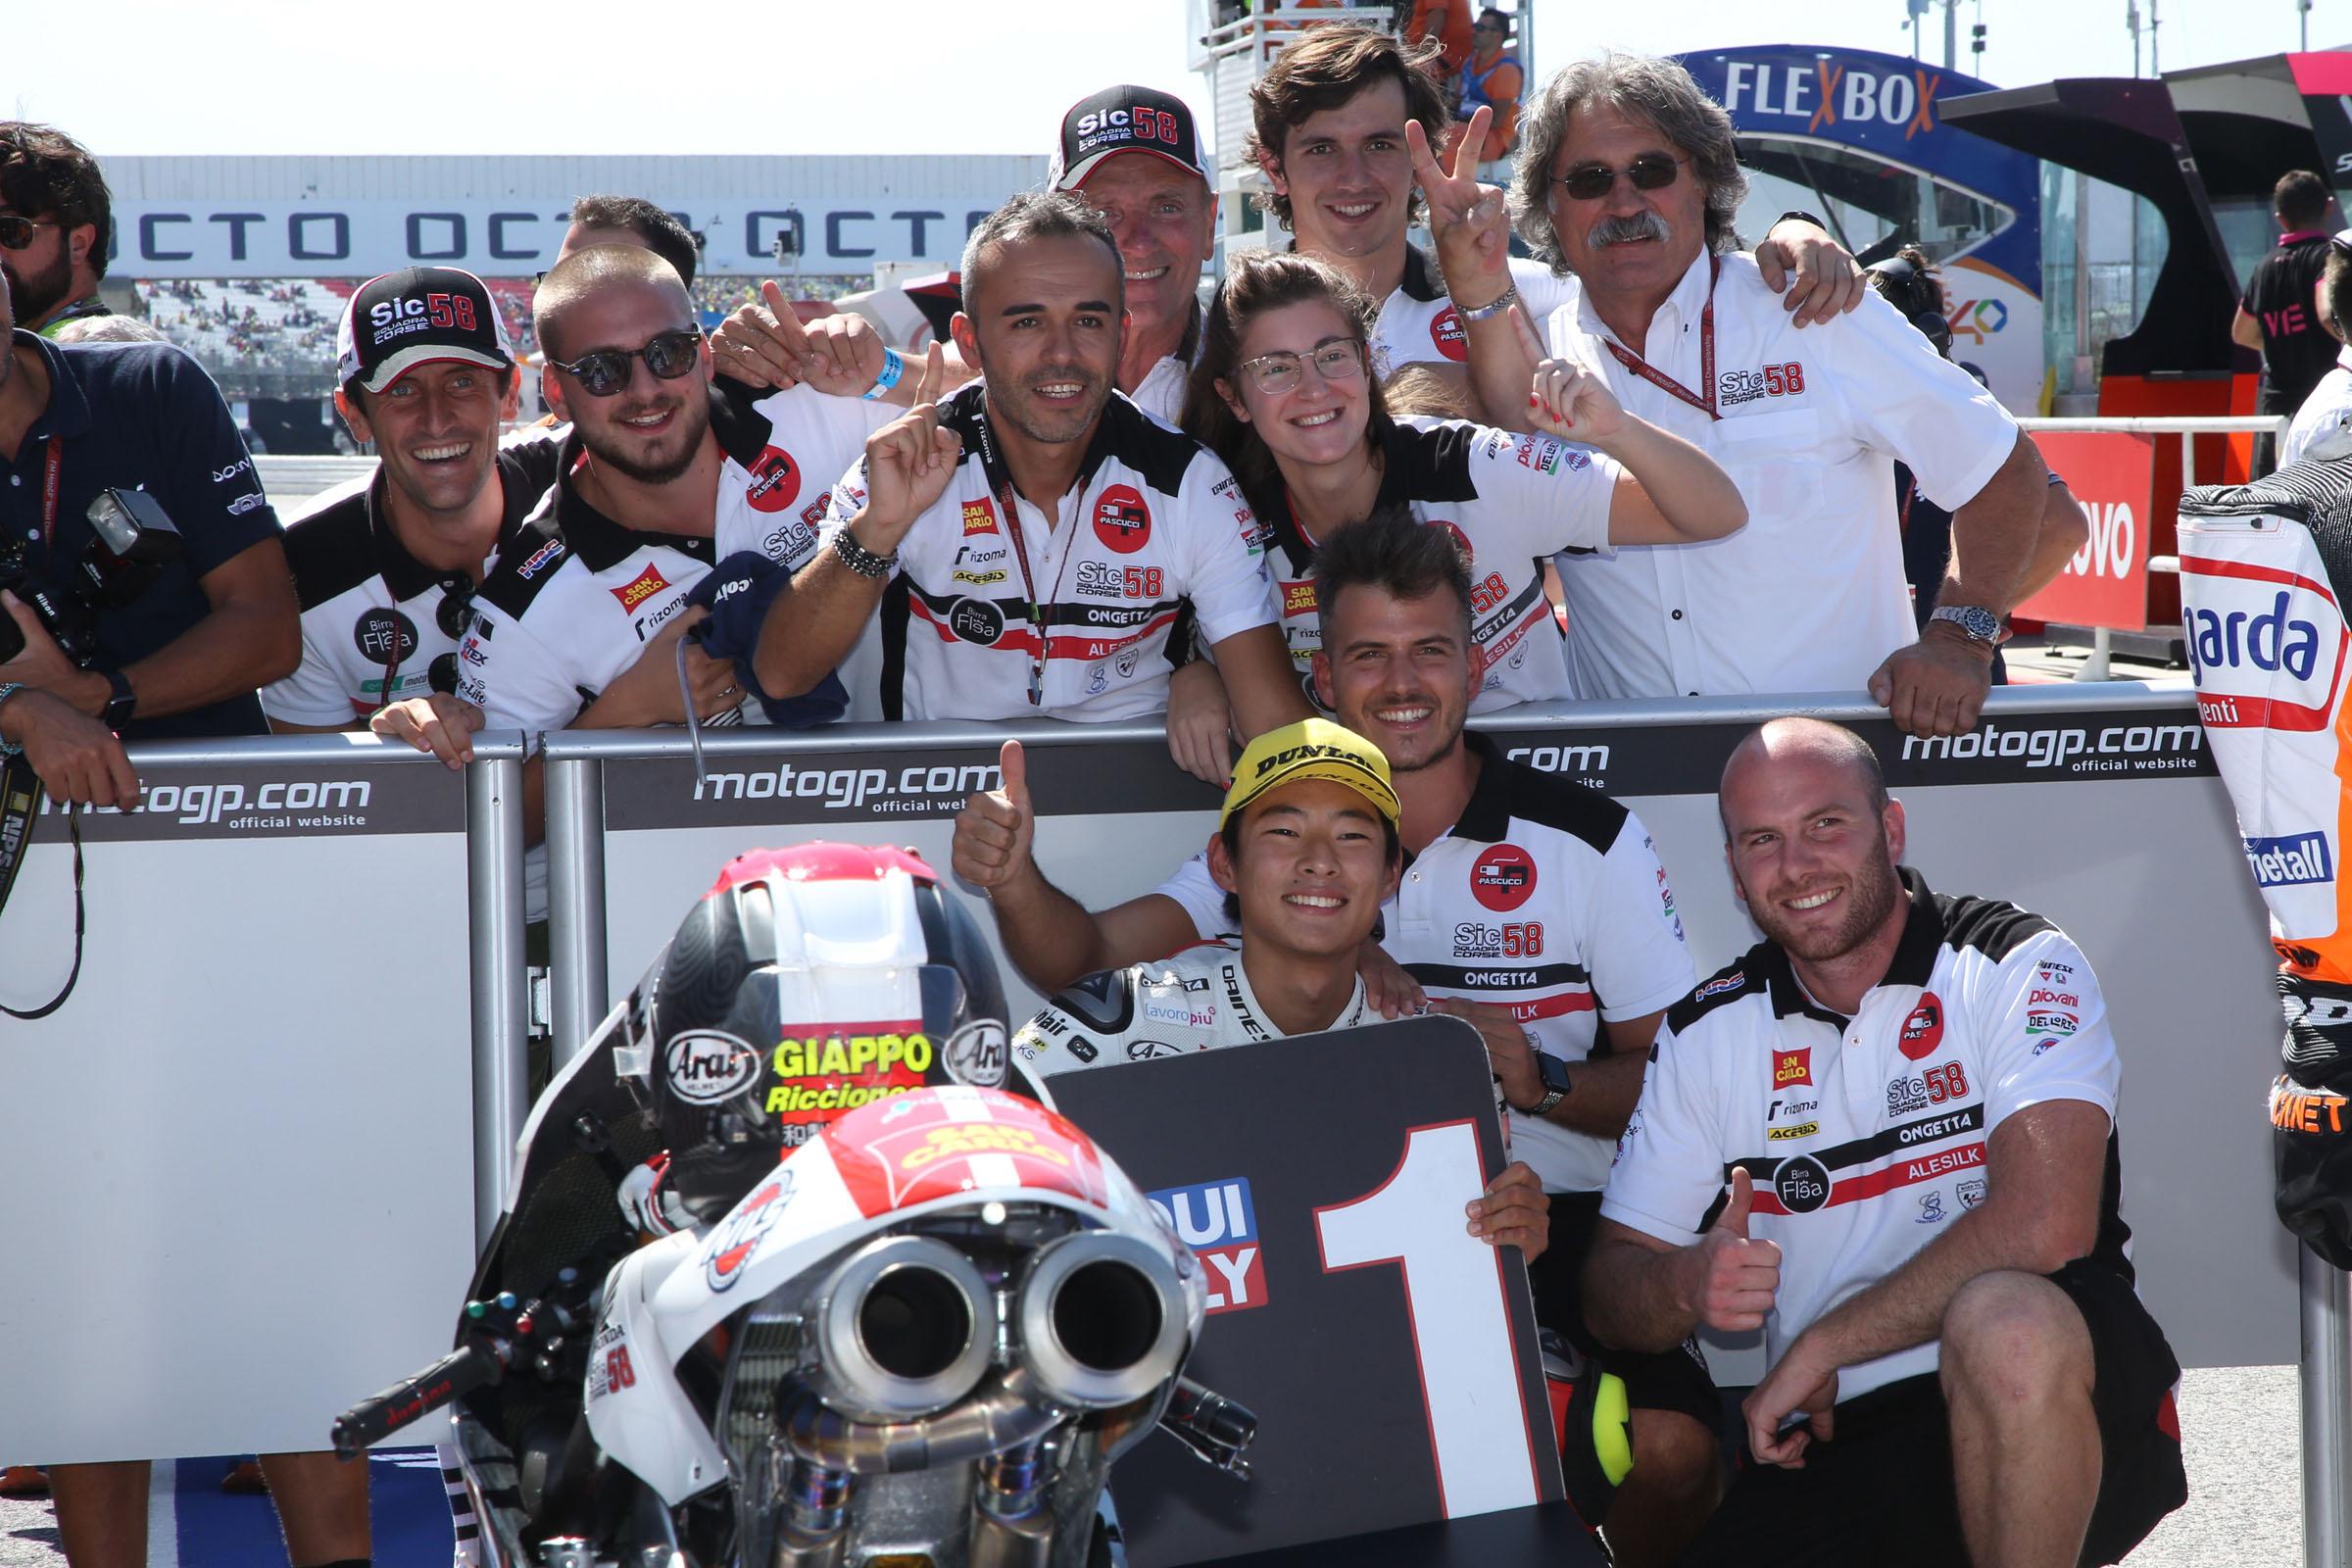 Moto3, festa in casa per Simoncelli grazie a Suzuki